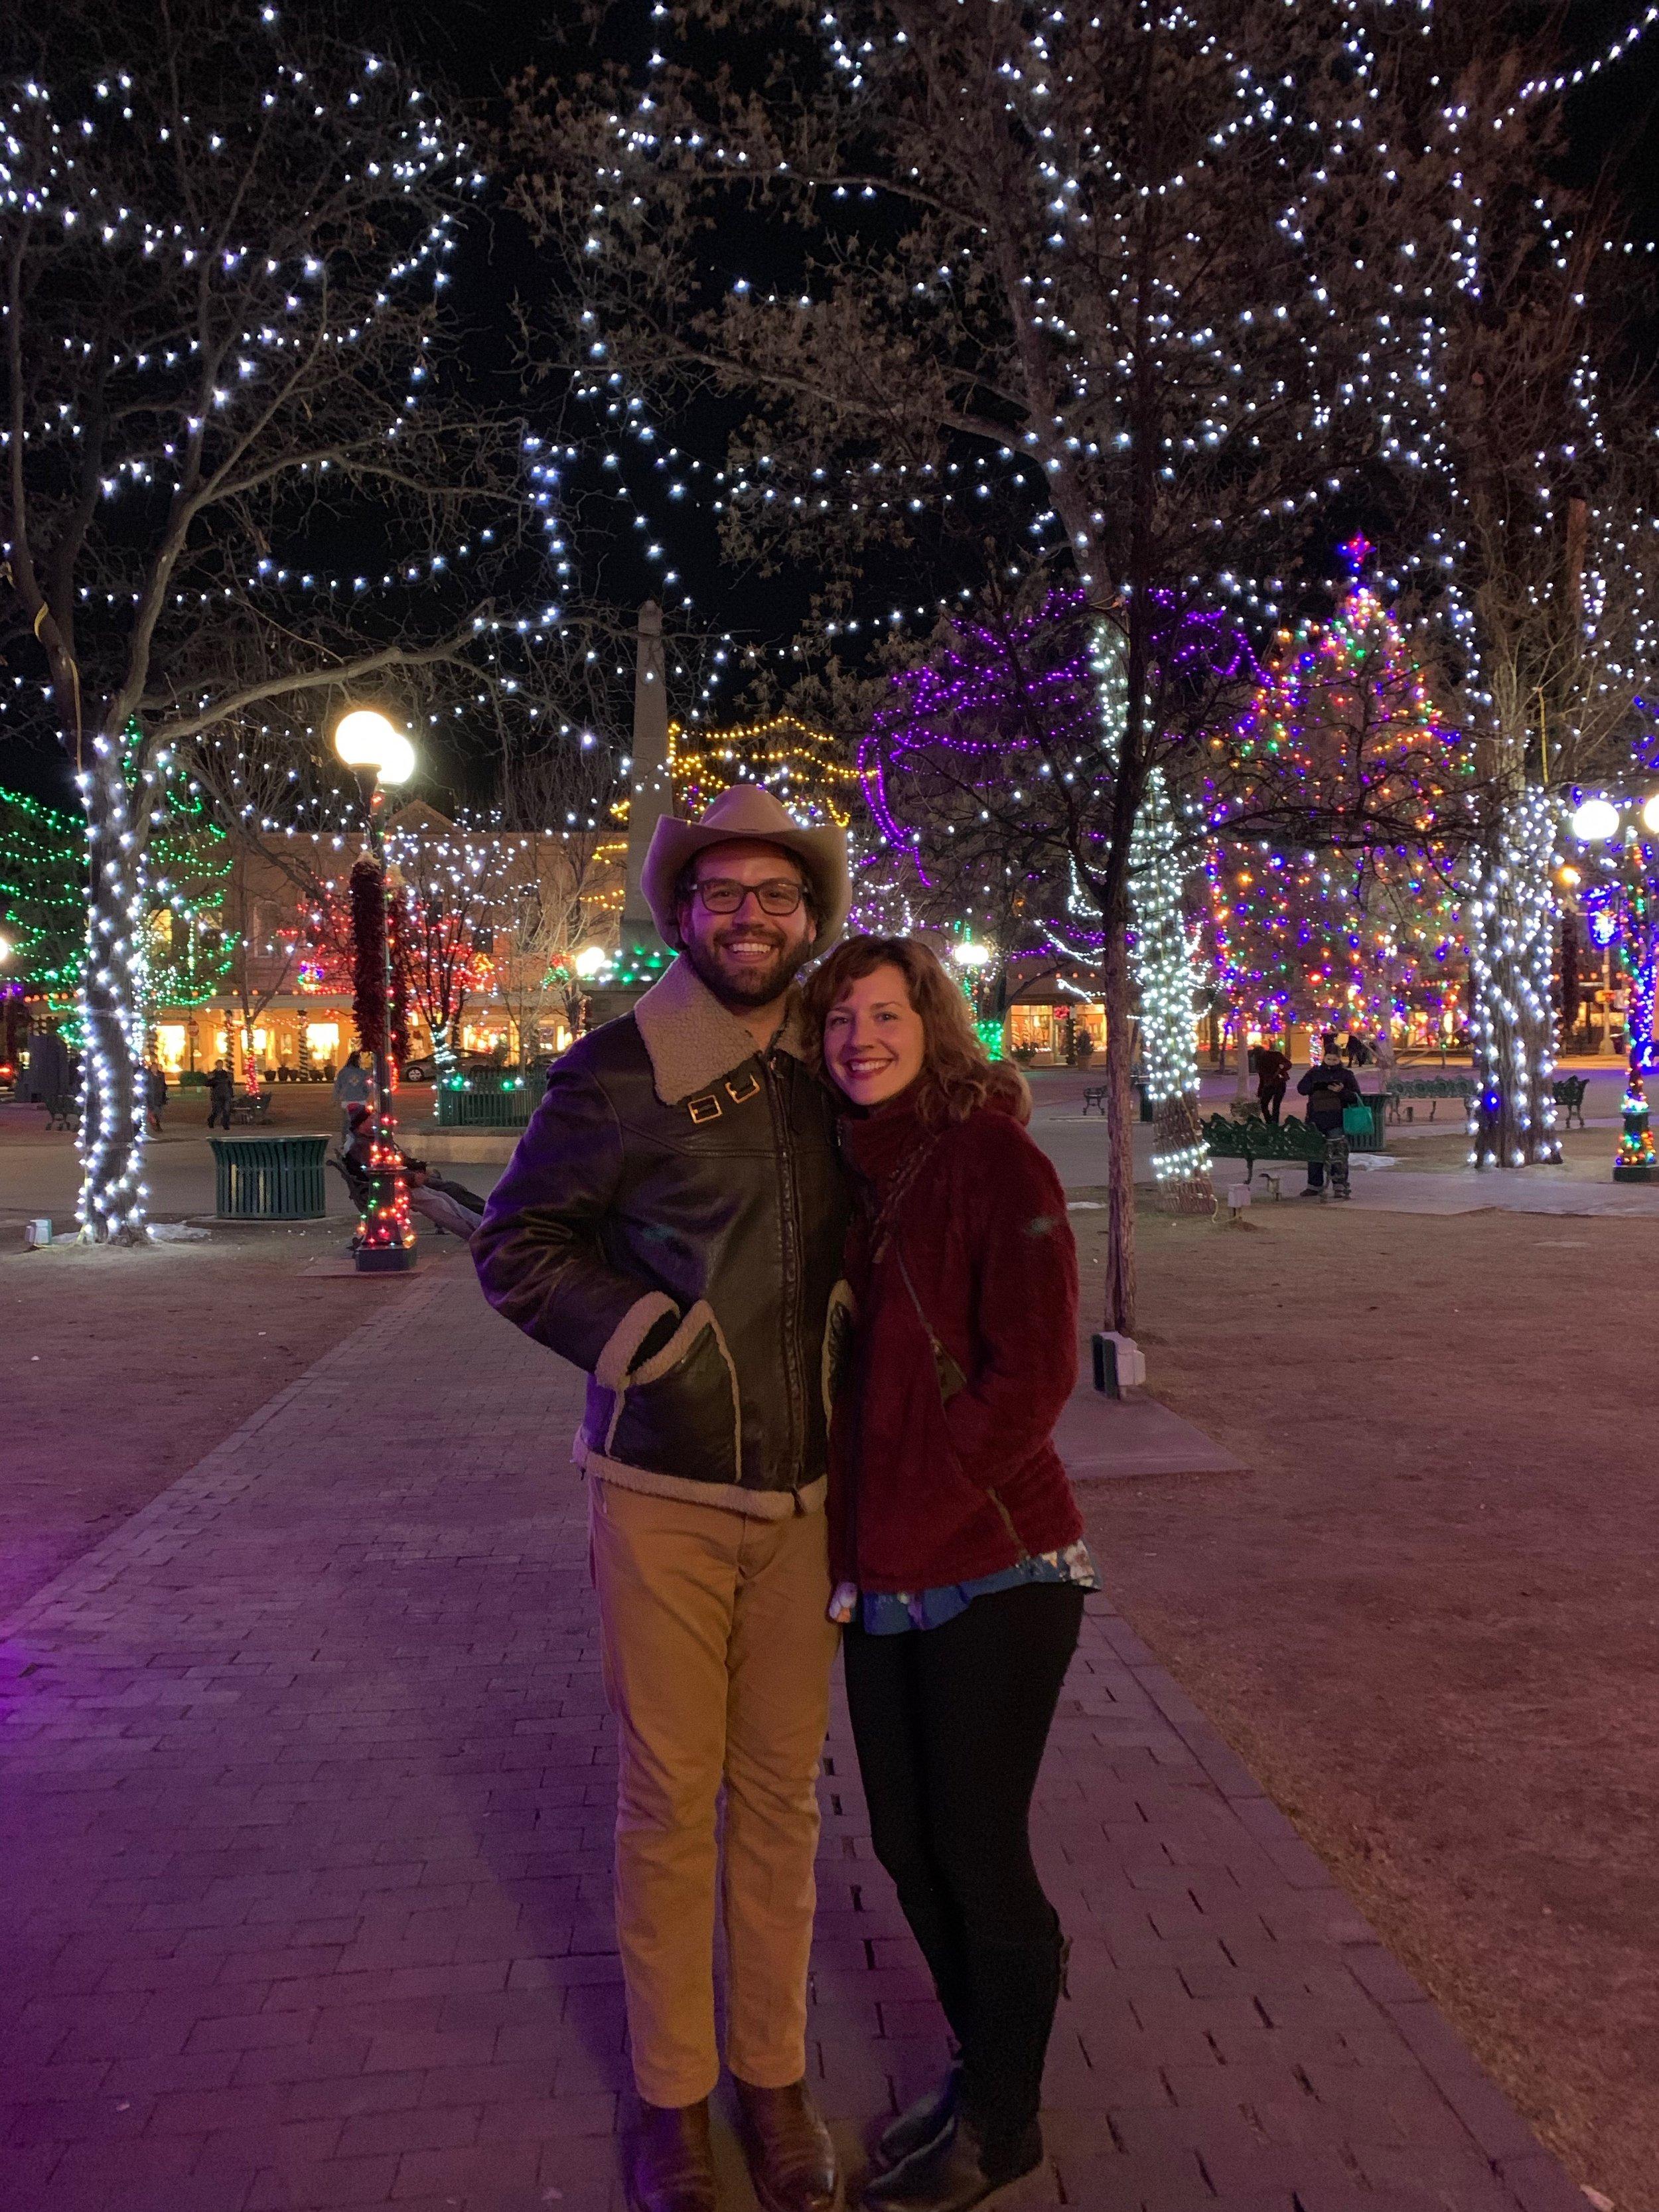 Sierra Skorka and Michael Walker in Santa Fe, NM